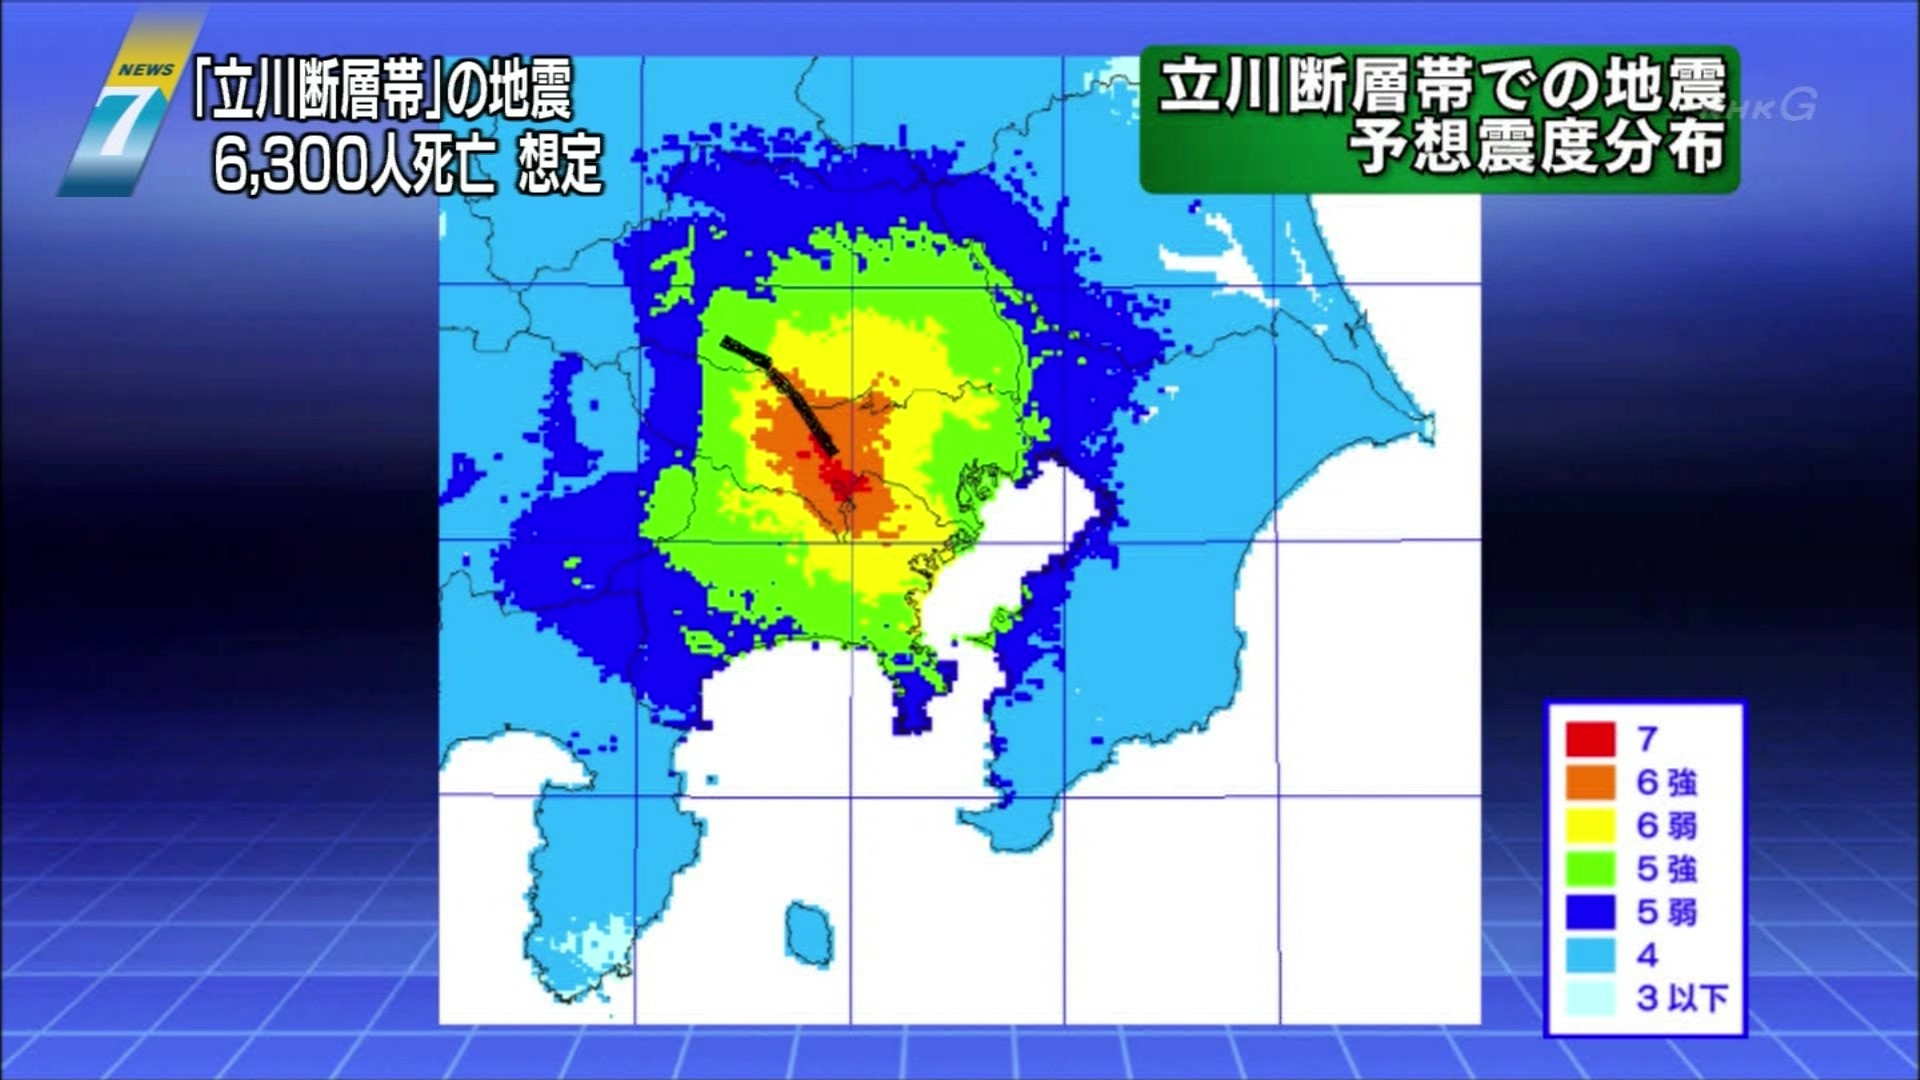 20130207-190225-168 立川断層は縦ずれ+横ずれの断層だった : ふくいち画像ブ